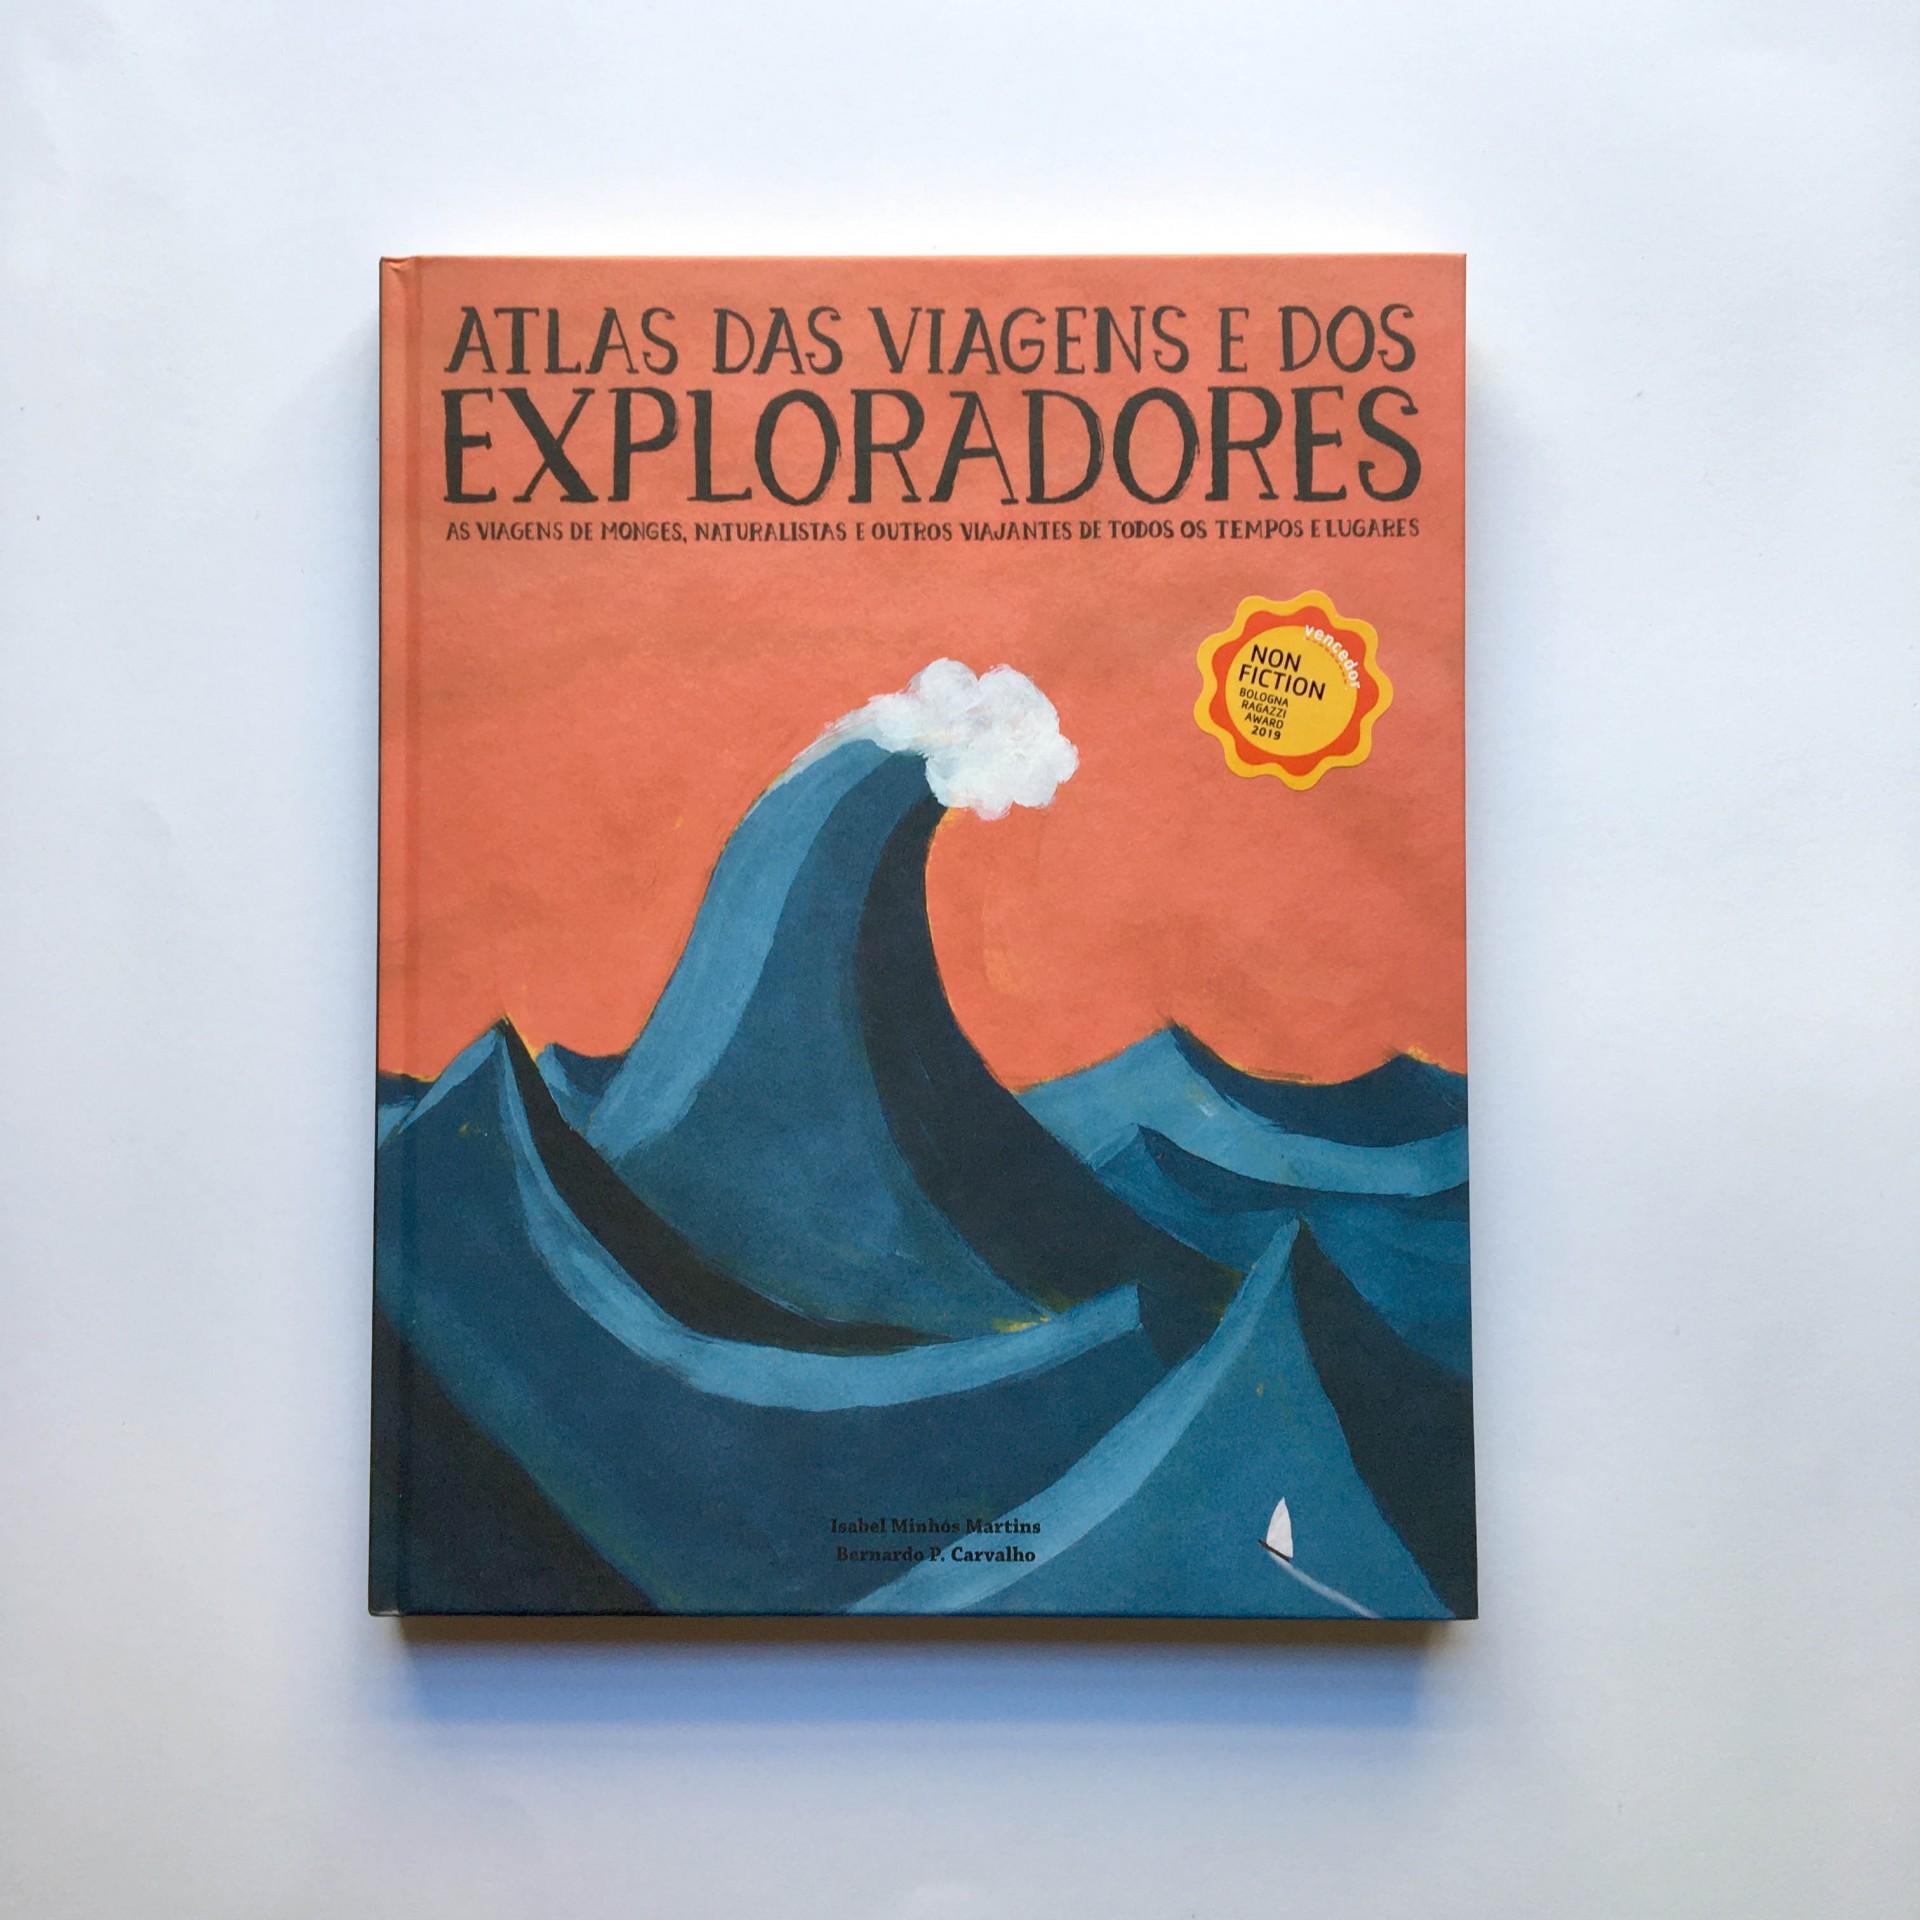 Atlas das Viagens e dos Exploradores: As viagens de monges, naturalistas e outros viajantes de todos os tempos e lugares